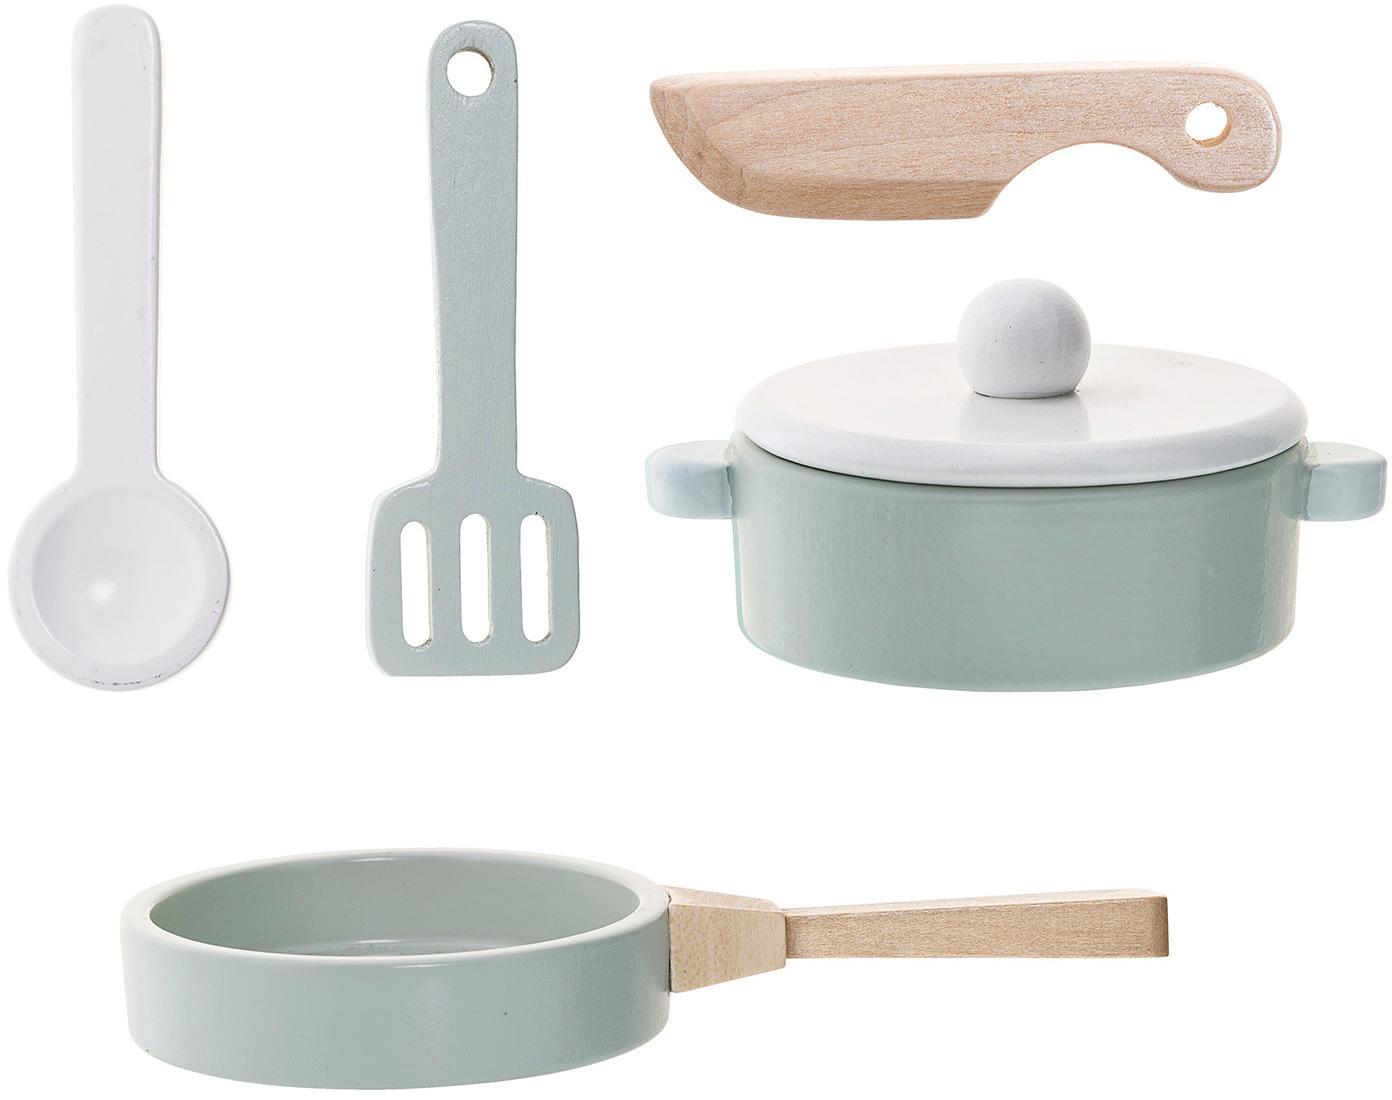 Speelgoedset Cooking, 5-delig, MDF, schima hout, Blauw, Verschillende formaten